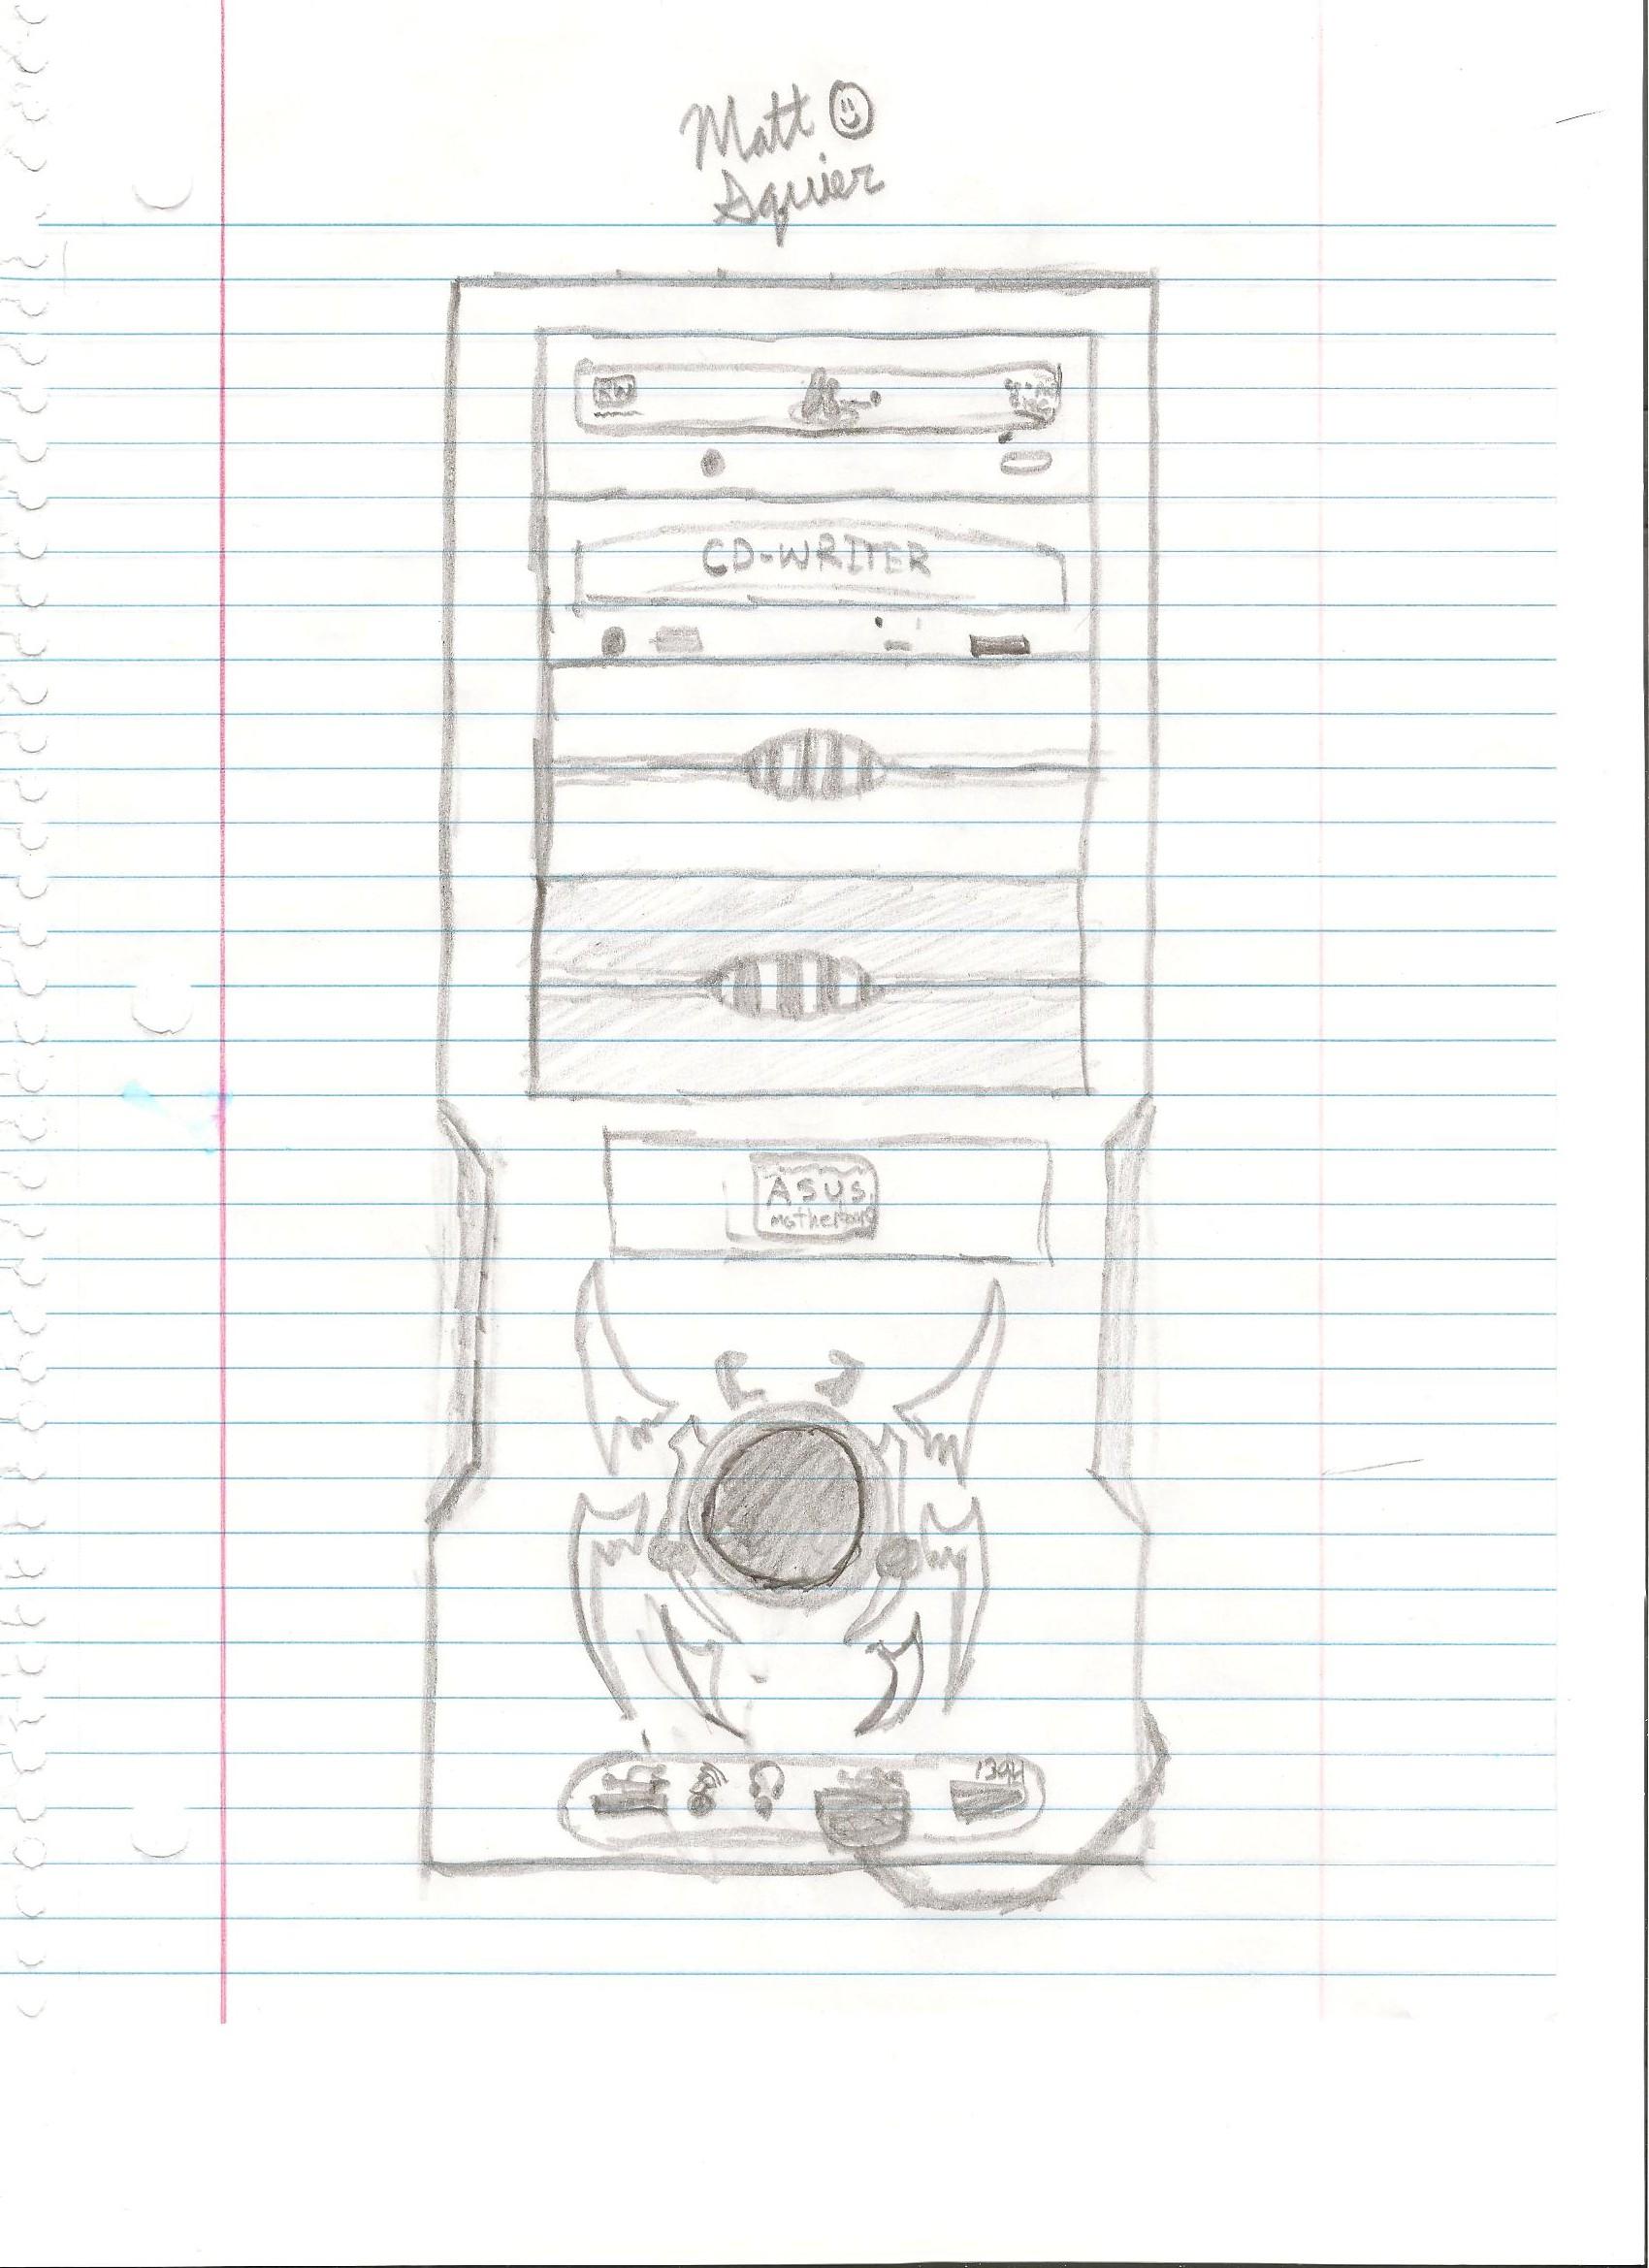 Computers-R-Awsome